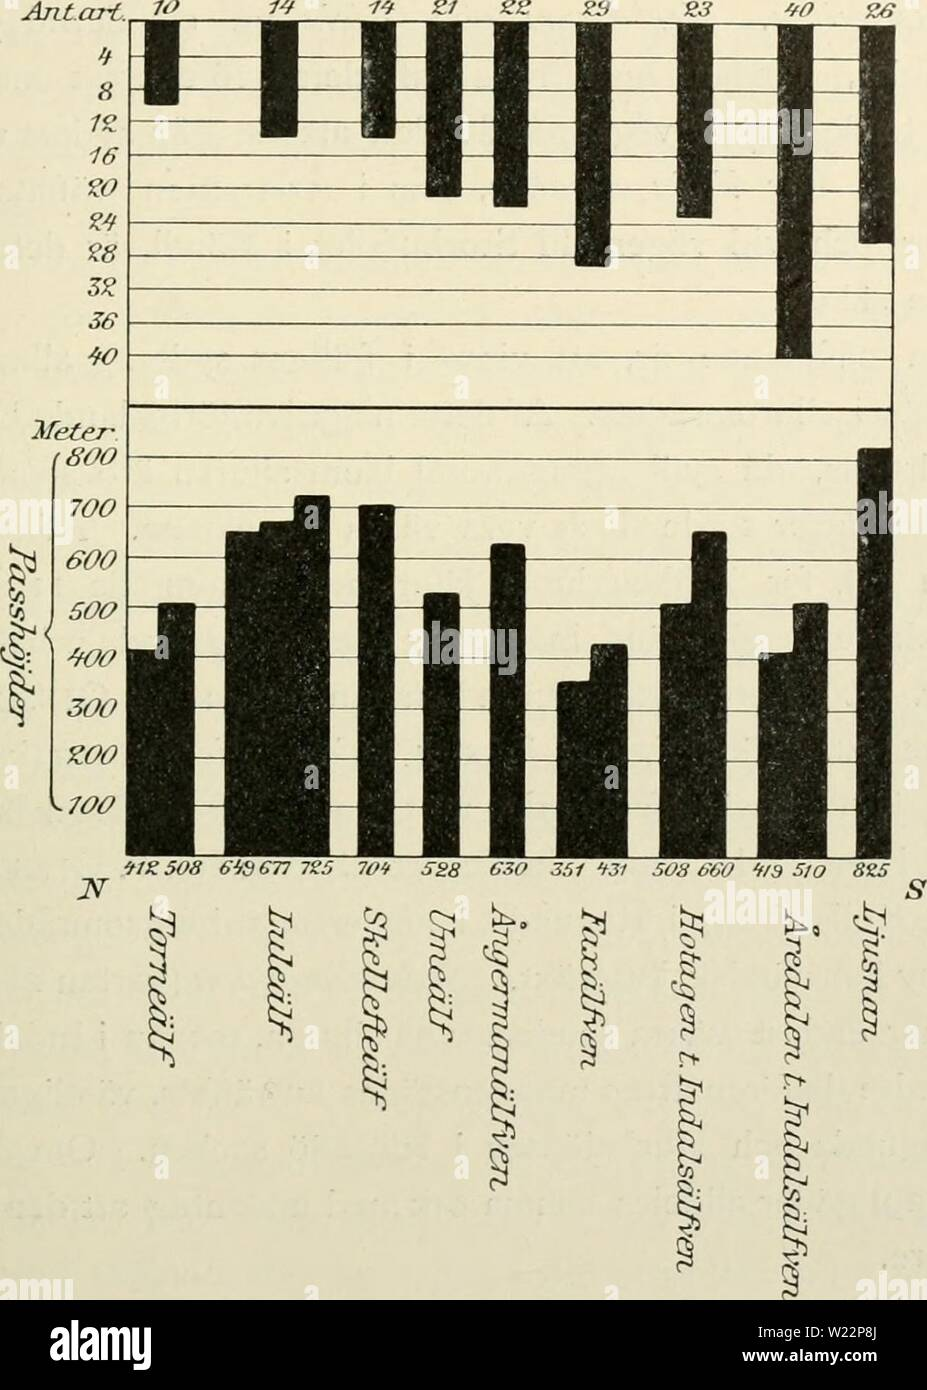 Archive image from page 104 of Den norrländska florans  geografiska. Den norrländska florans : geografiska fördelning och invandringshistoria ; med särskild hänsyn till dess sydskandinaviskar arter  dennorrlndskaf00ande Year: 1912  SYDBERGENS FLORA OCH VEGETATION 87 håller emellertid icke färre än 24 arter, och ytterligare 7 sydskandina- viska arter äro på andra lokaler ä Frösön anträfifade. Öfverhufvudtaget äro, som i kap. 2 närmare utvecklats, förutsättningarna för de mera värme- fordrande arternas trifsel här helt andra än inom fjällen och i urbergsom- rådets skossland.    Fig. 15. Diagram, Stock Photo